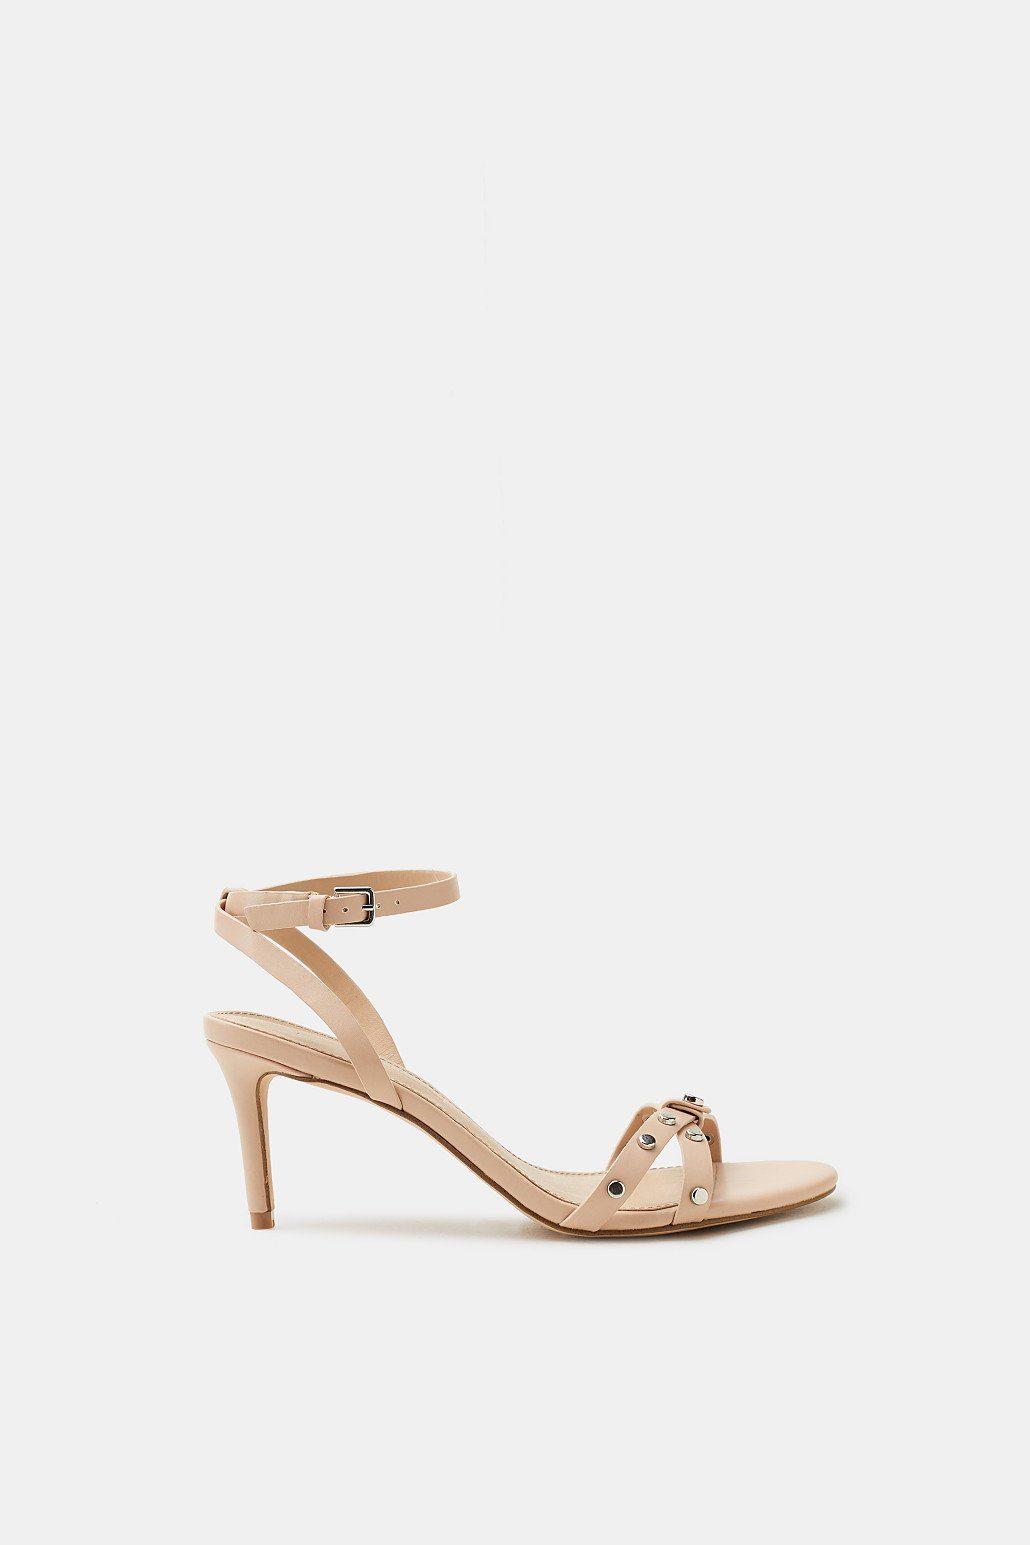 Trendige Sandalette mit Nieten-Dekor für Damen Black Esprit bi13m